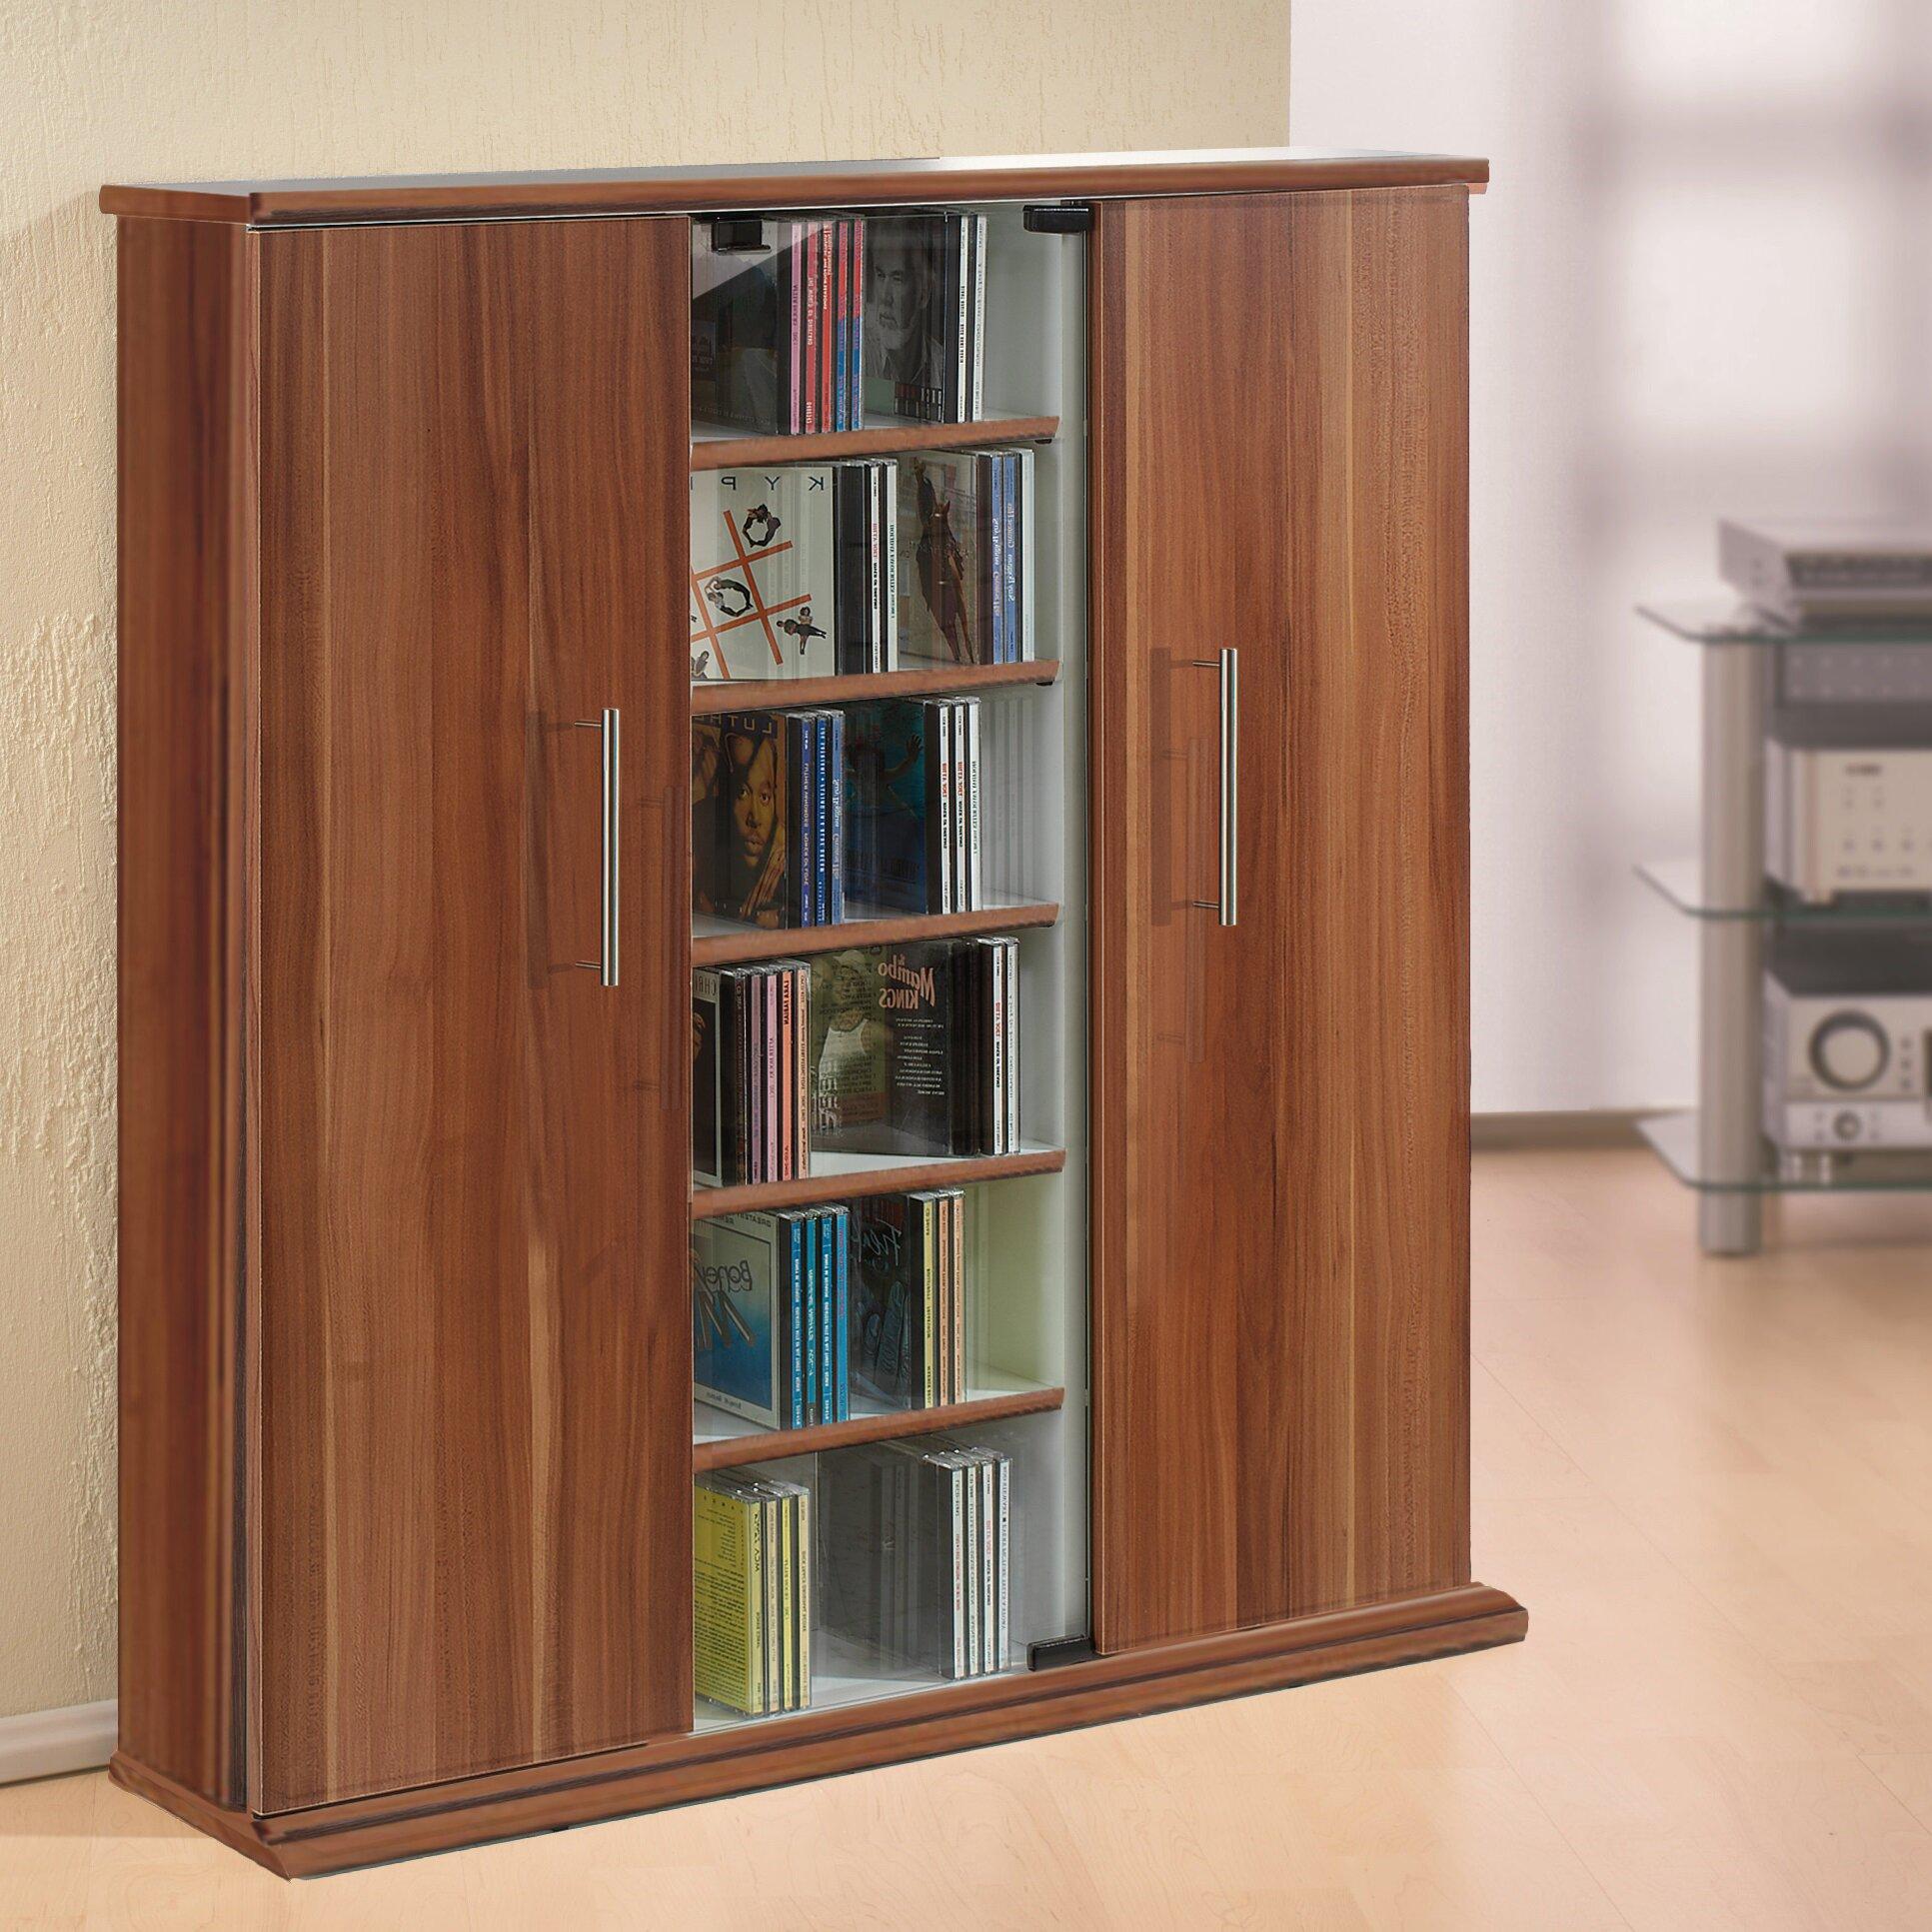 vcm santo multimedia cabinet reviews wayfair uk. Black Bedroom Furniture Sets. Home Design Ideas